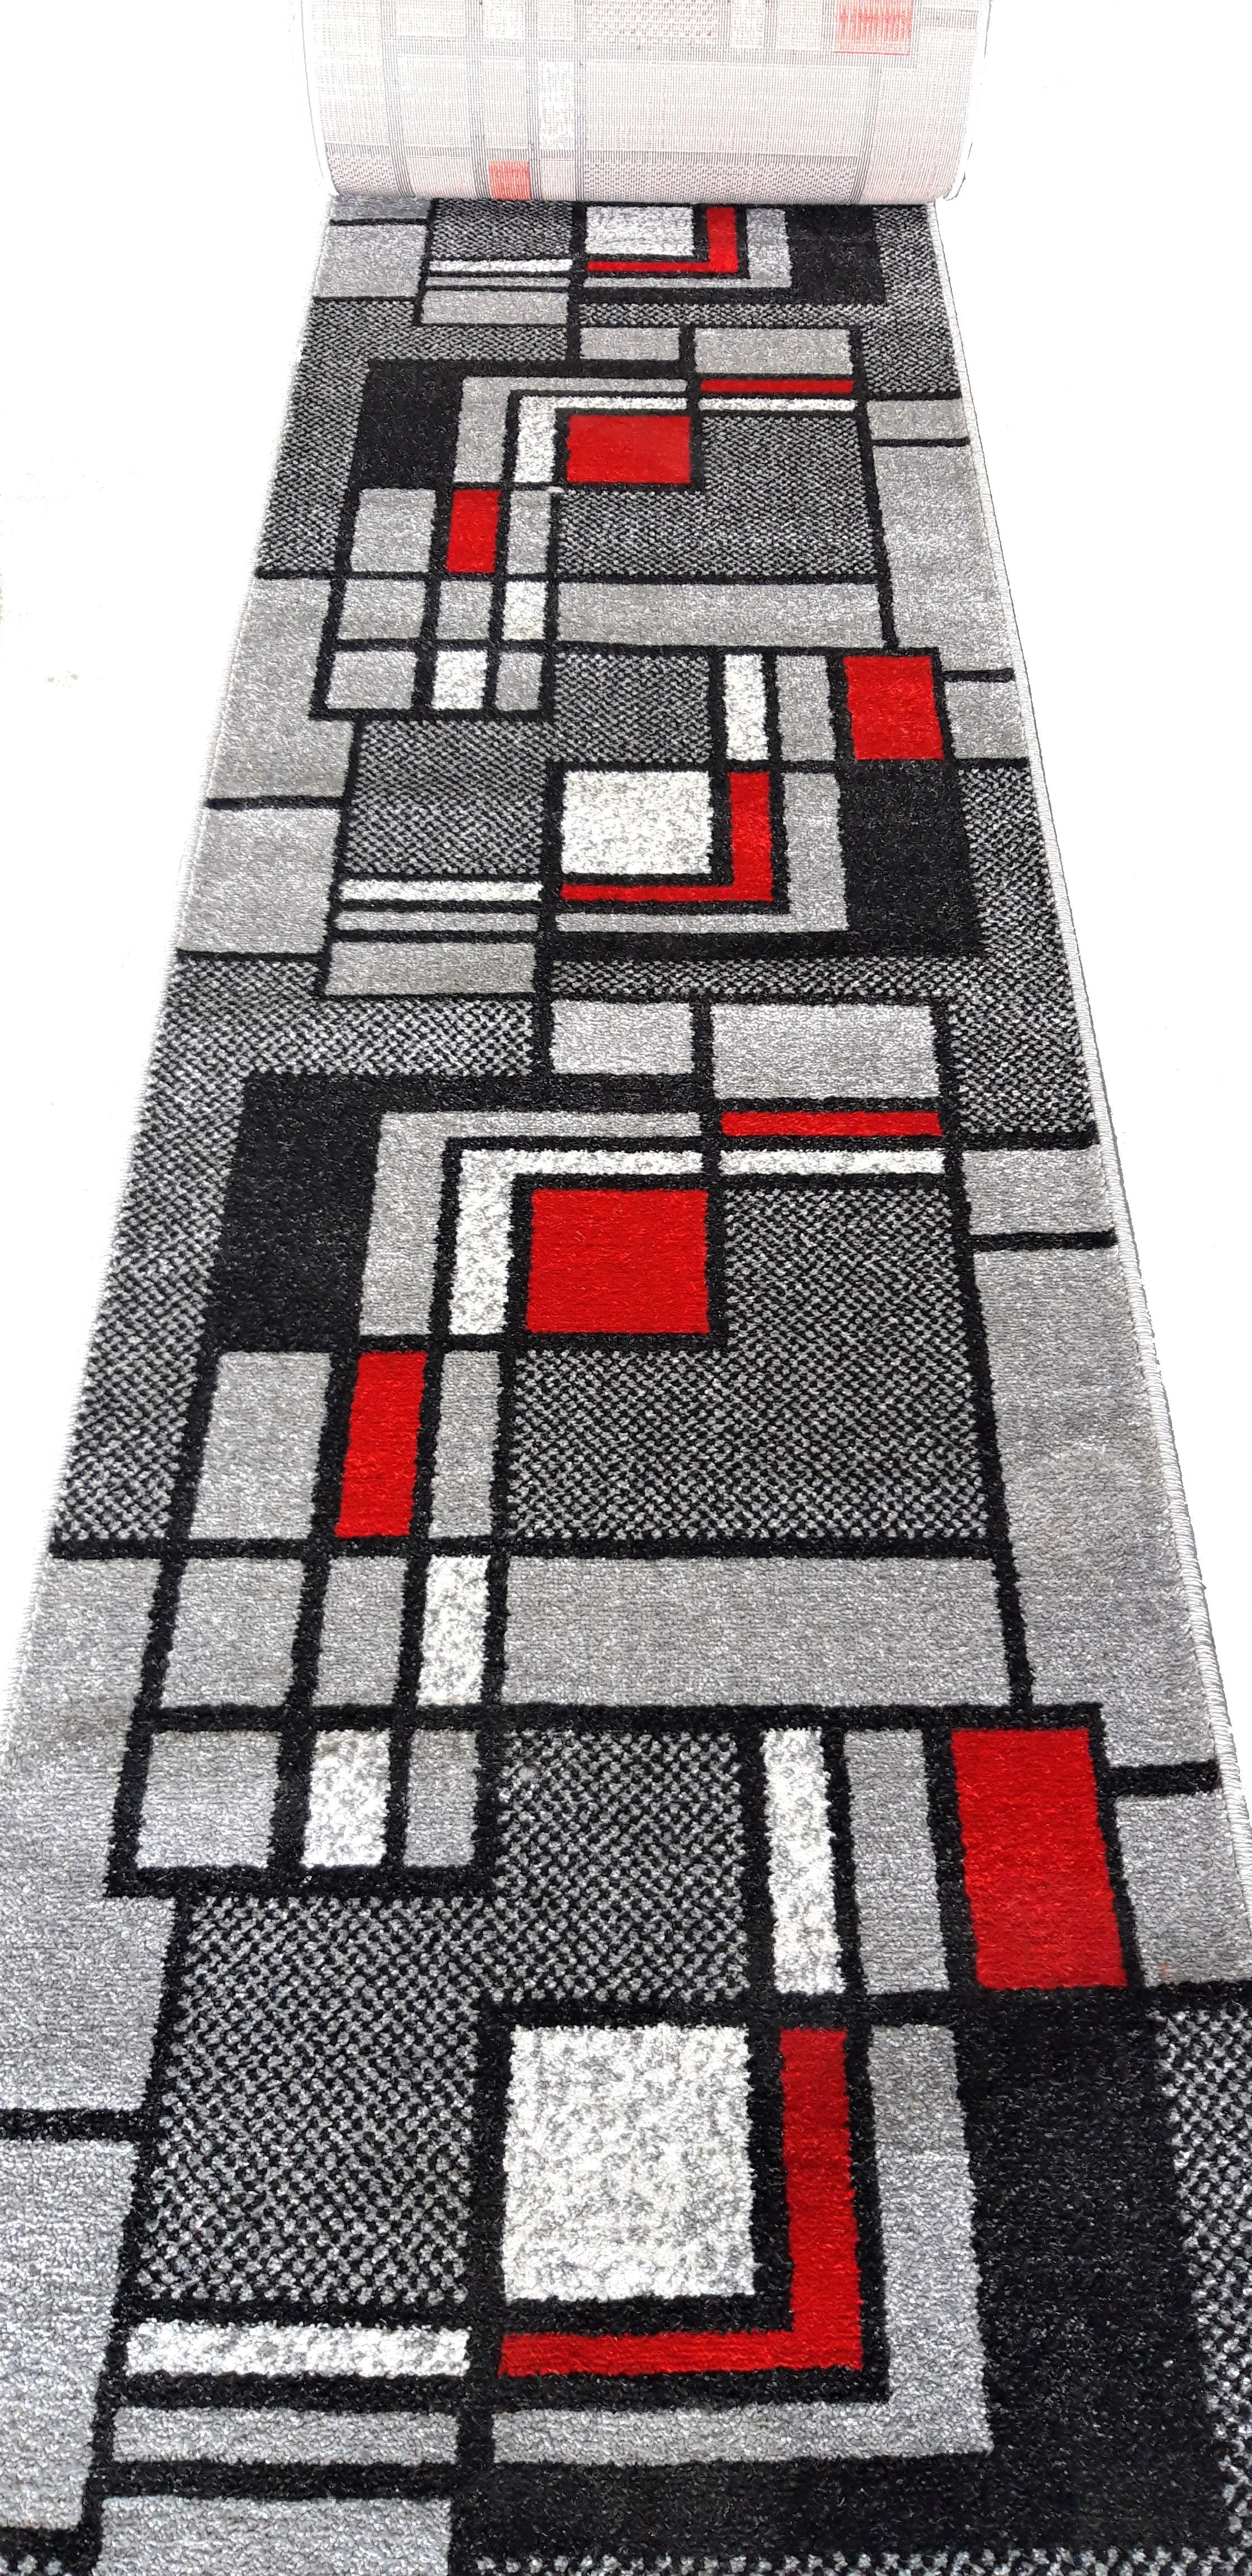 Traversa Covor, Cappuccino 16406, Multicolor, 80x500 cm, 1700 gr/mp, 0.8x5 m. 1